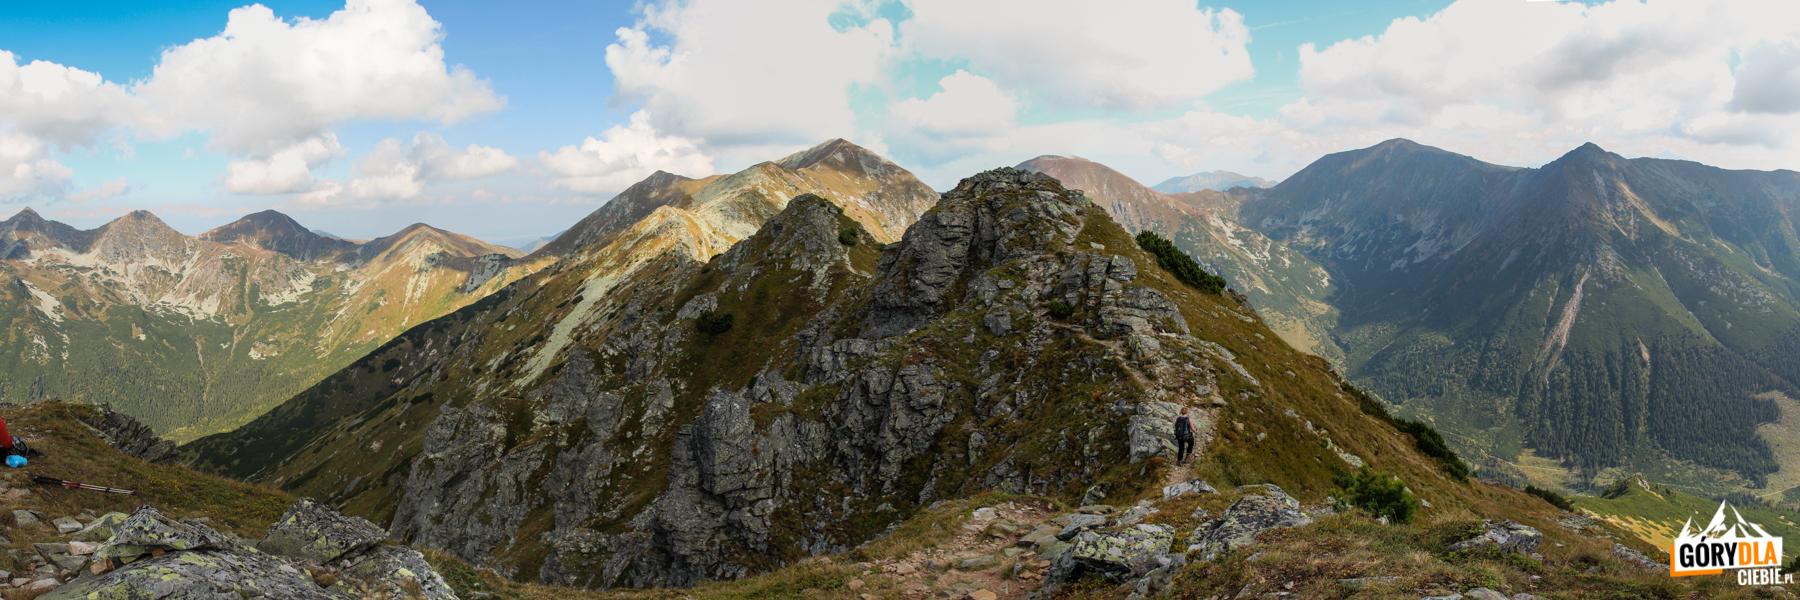 Panorama zeszczytu Pośredniej Magury (2050 m) naWyżnią Magurę (2095 m) iRaczkową Czubę (2194 m), polewej Rohacze – Płaczliwy (2125 m) iOstry (2088 m), Wołowiec (2064 m) iŁopata (1958 m), apo prawej Starorobociański Wierch (2167 m), Błyszcz (2159 m), Bystra (2248 m) iZadnia Kopa (2162 m)